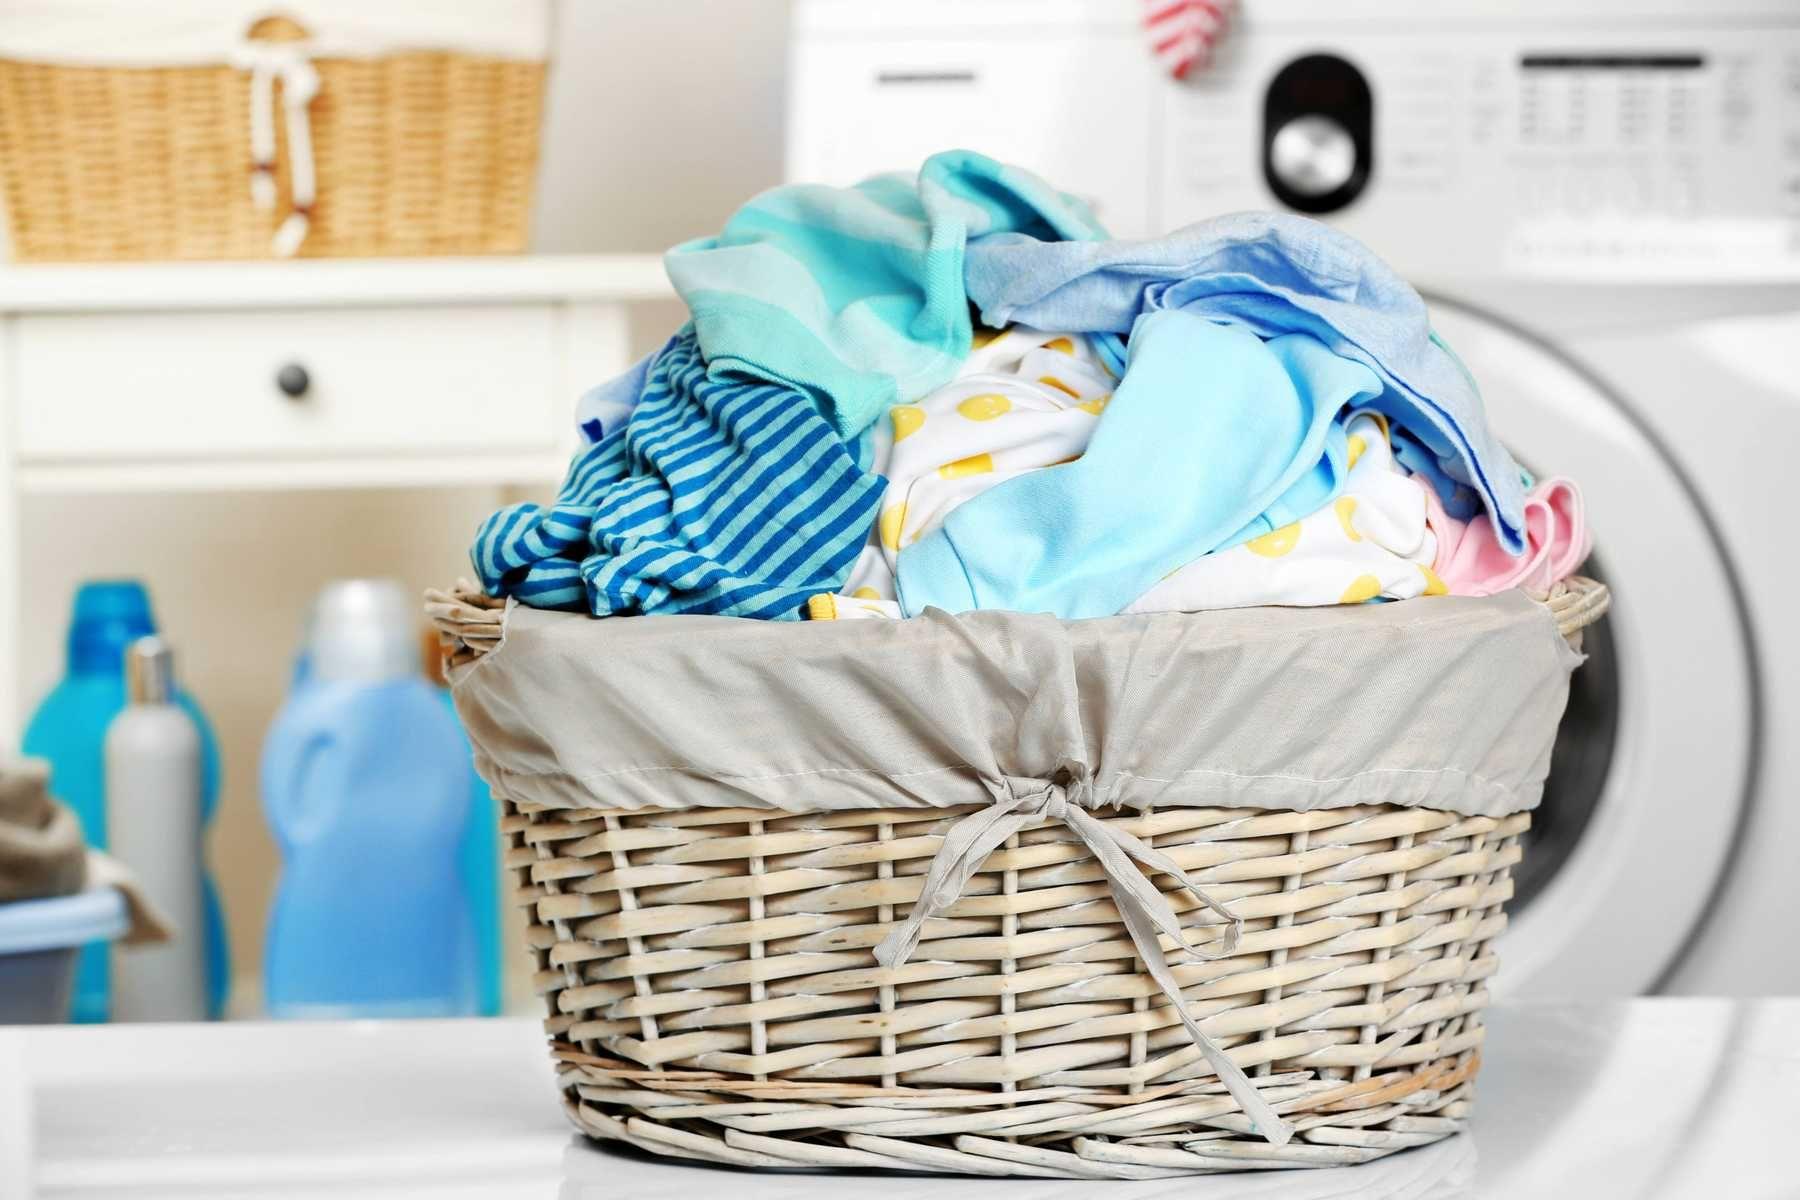 Dịch vụ giặt sấy nhanh lấy liền có thực sự tốt